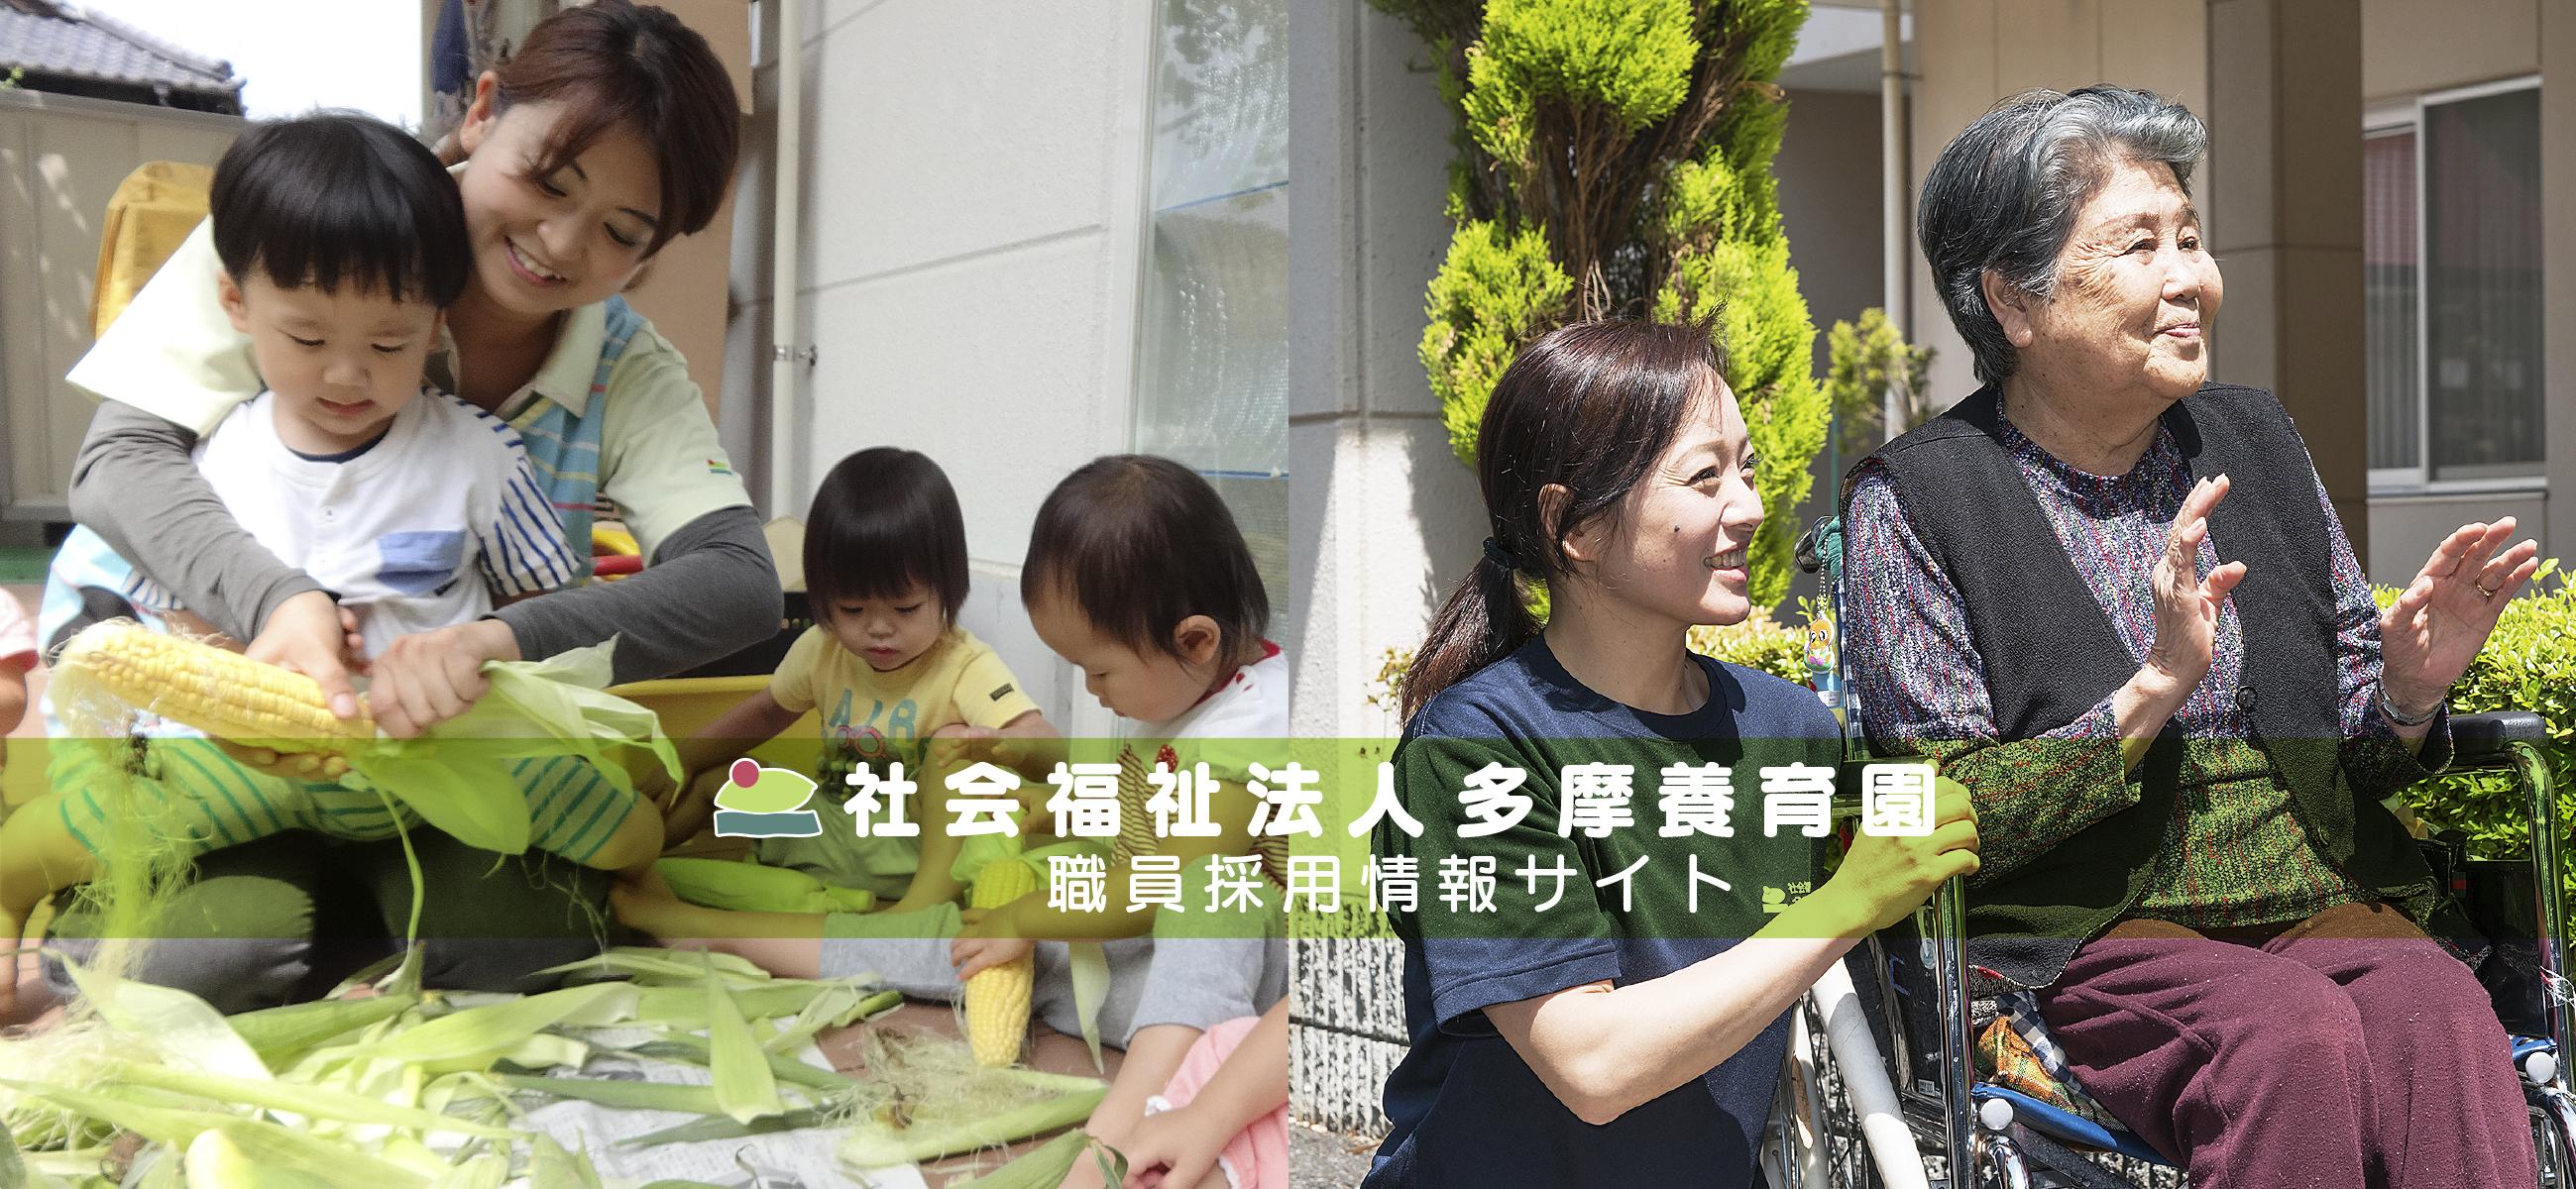 社会福祉法人多摩養育園 職員採用情報サイト